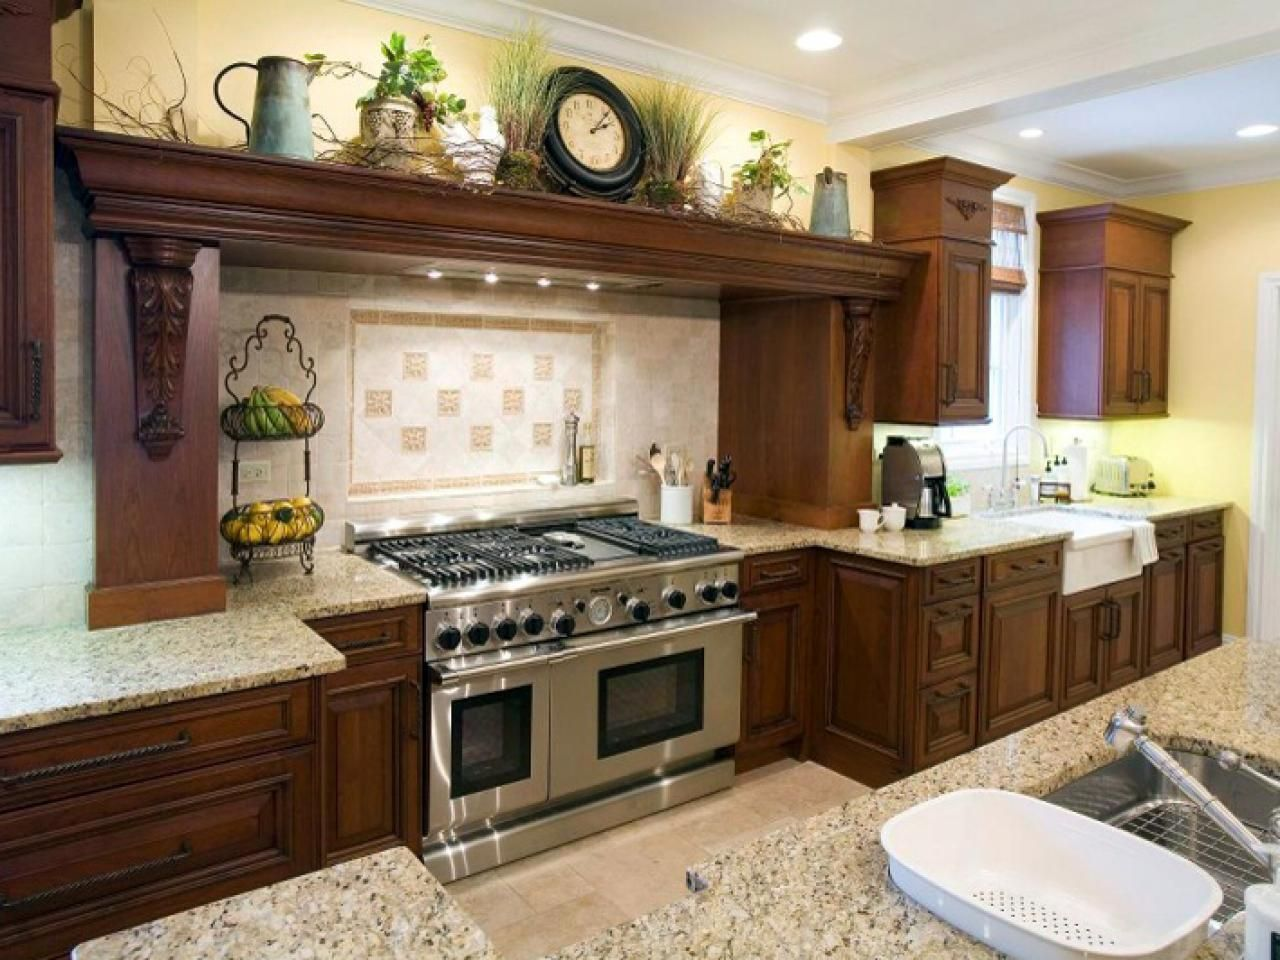 Mediterranean Kitchen Design Decorating Above Kitchen Cabinets Kitchen Design Decor Kitchen Cabinets Decor